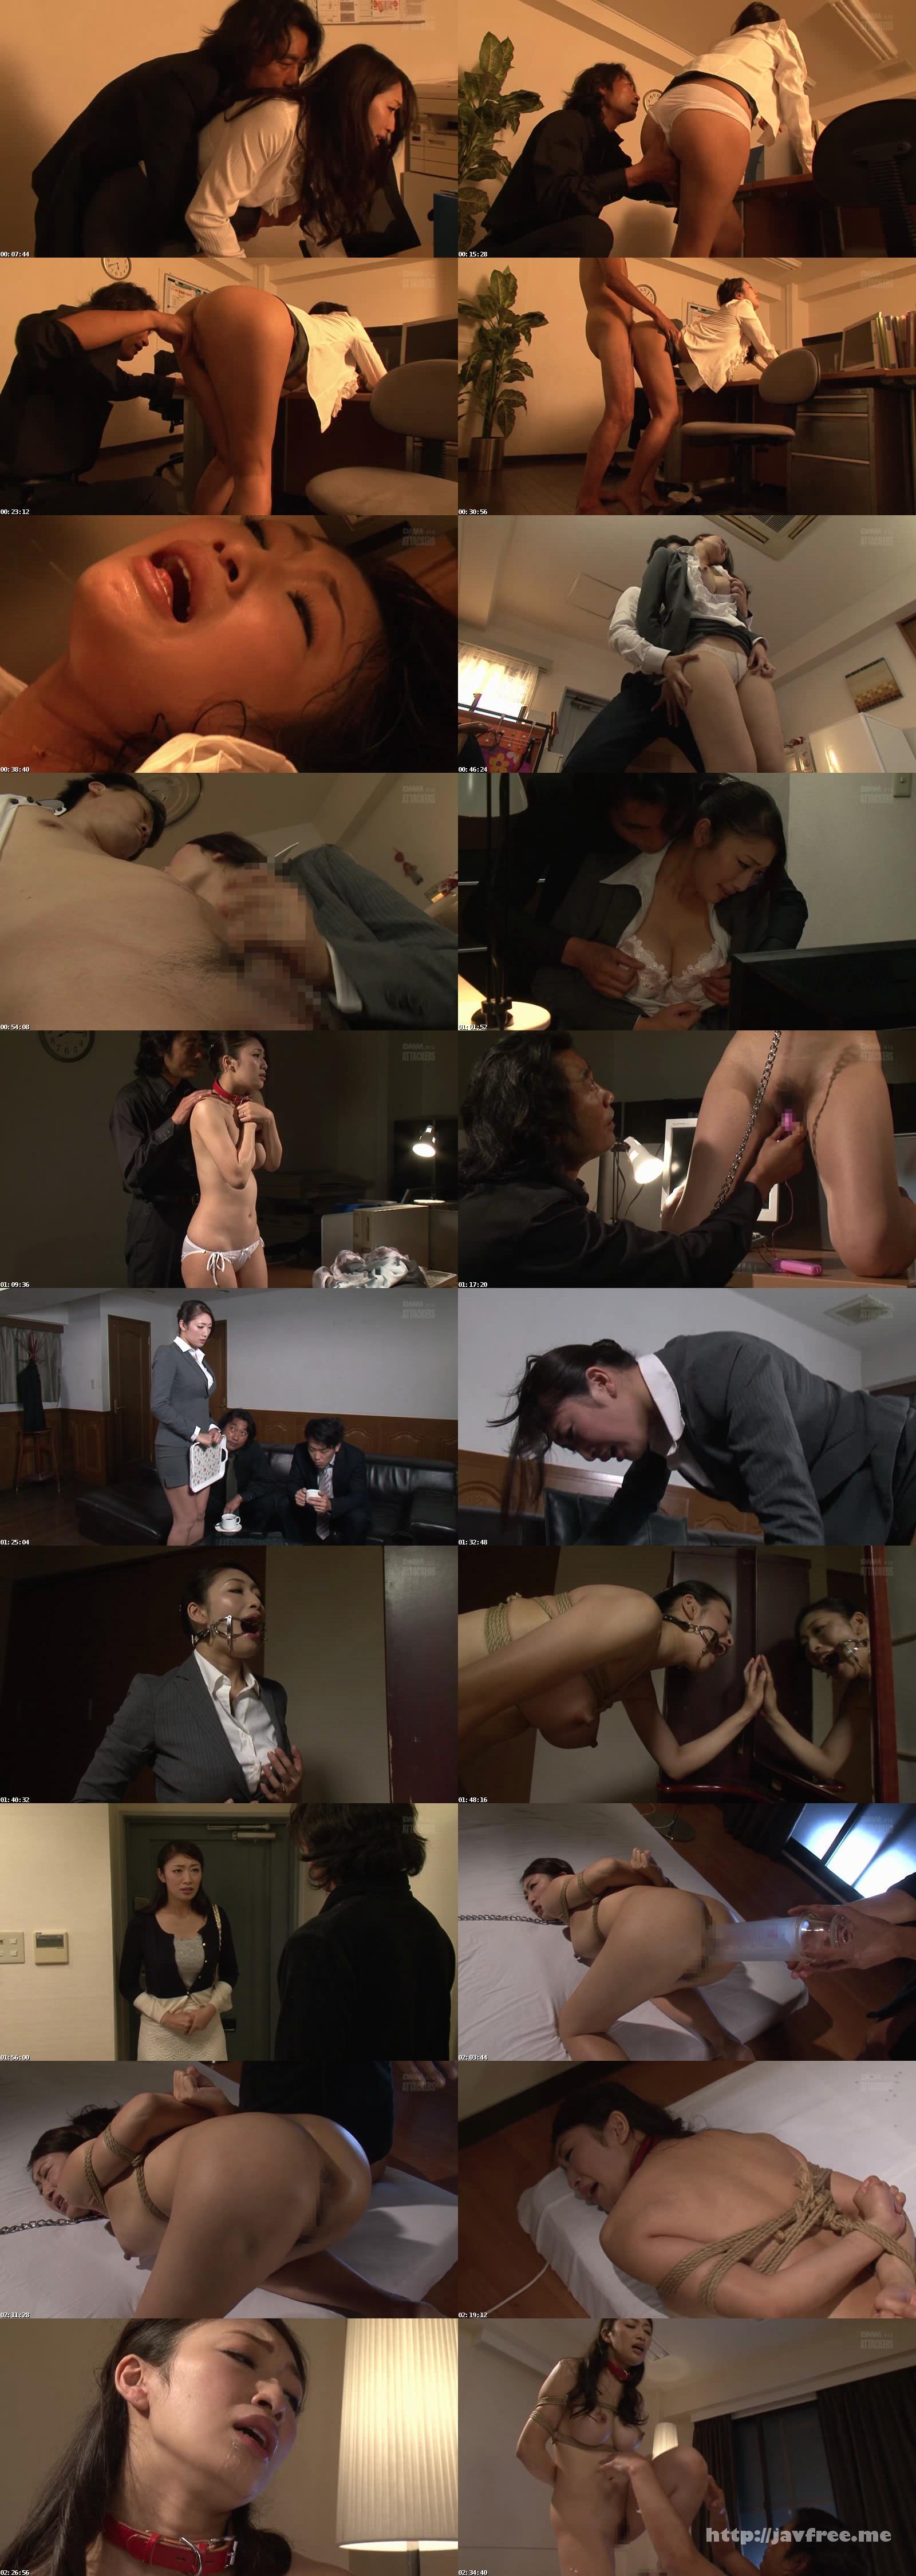 [JBD 180] 緊縛団地妻 隷従の心理 小早川怜子 小早川怜子 JBD